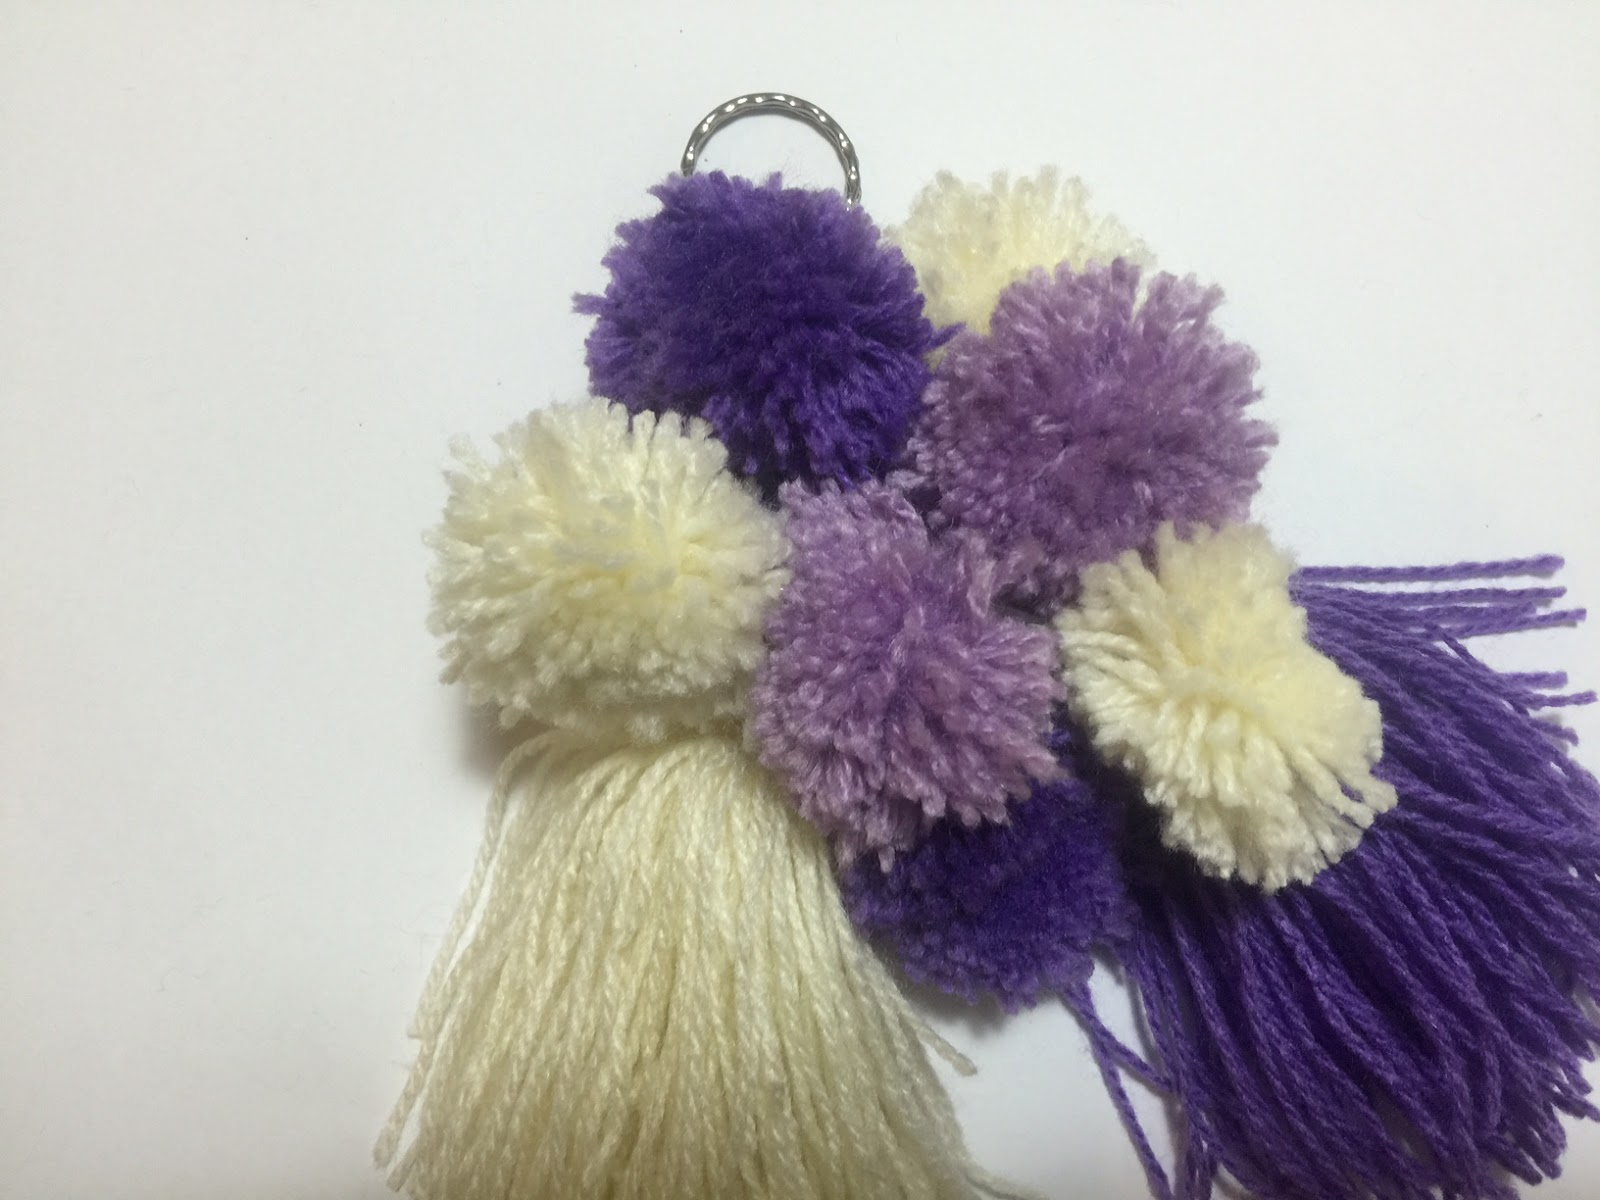 Home kids inspiraci n y creatividad como hacer un - Para hacer pompones de lana ...